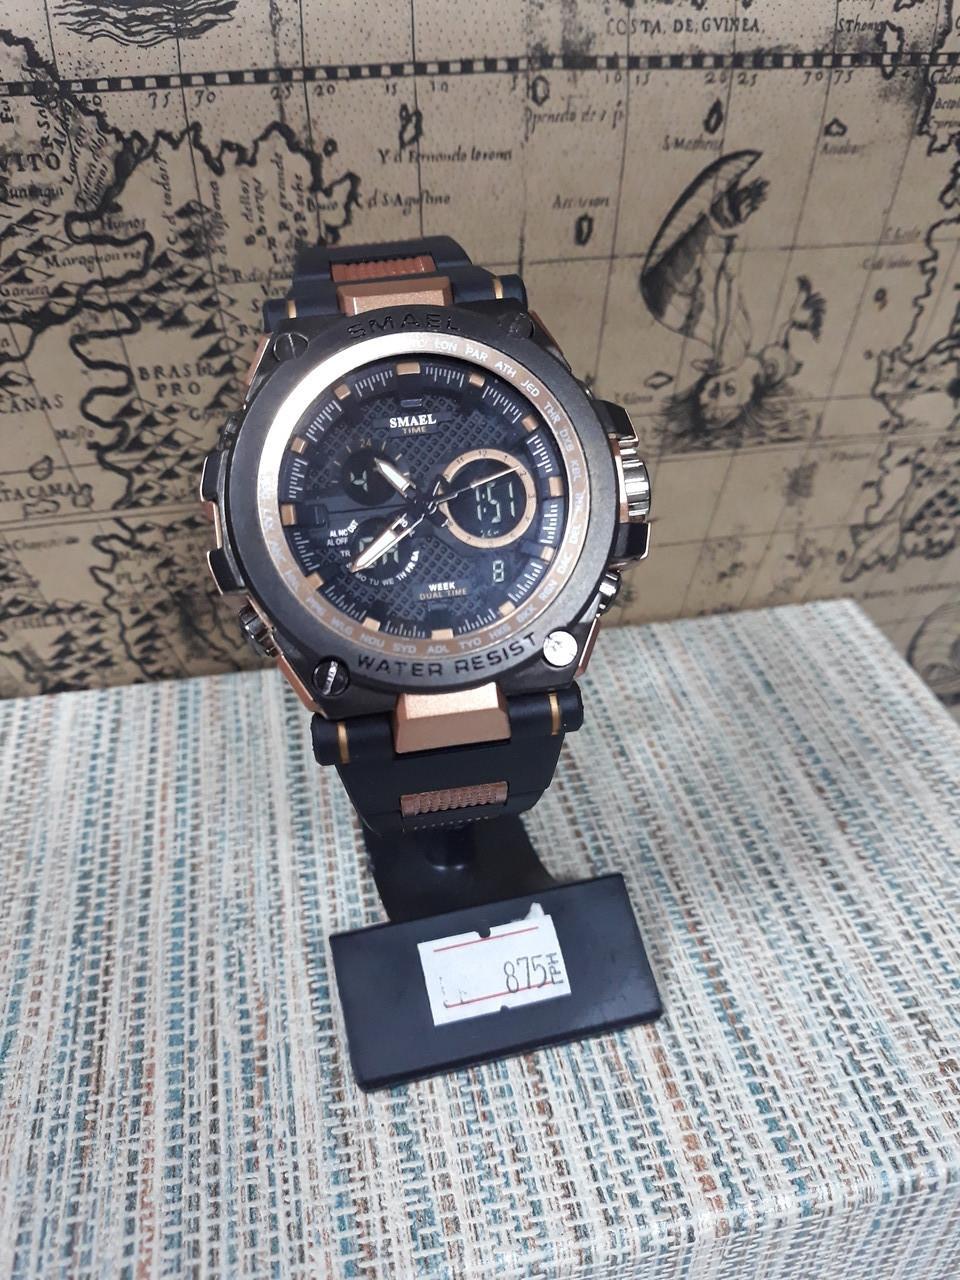 Мужские часы аналог G-Shock черные с вставками розовое золото с подсветкой